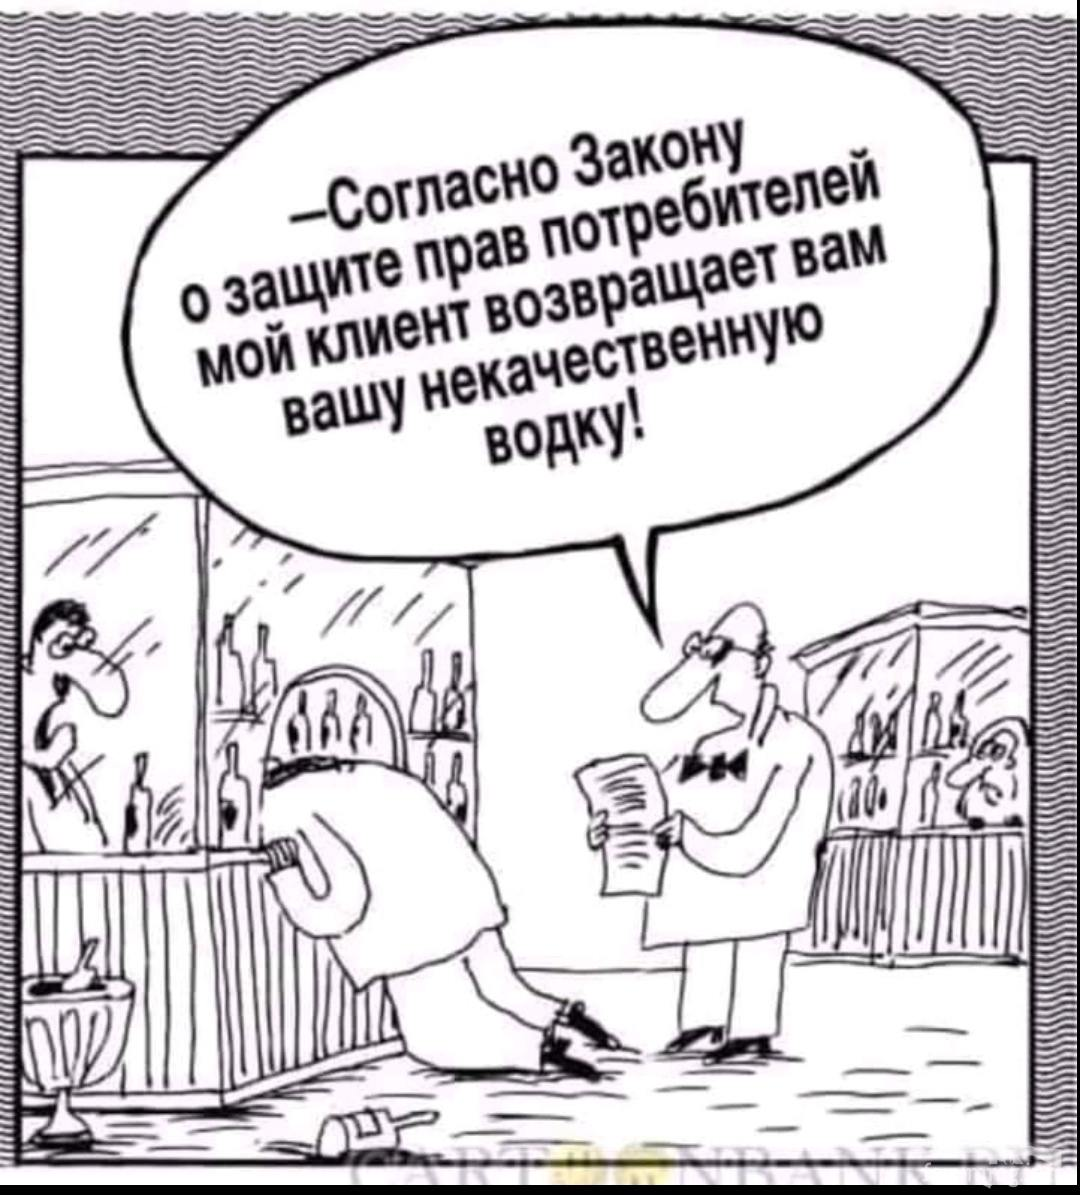 139537 - Пить или не пить? - пятничная алкогольная тема )))